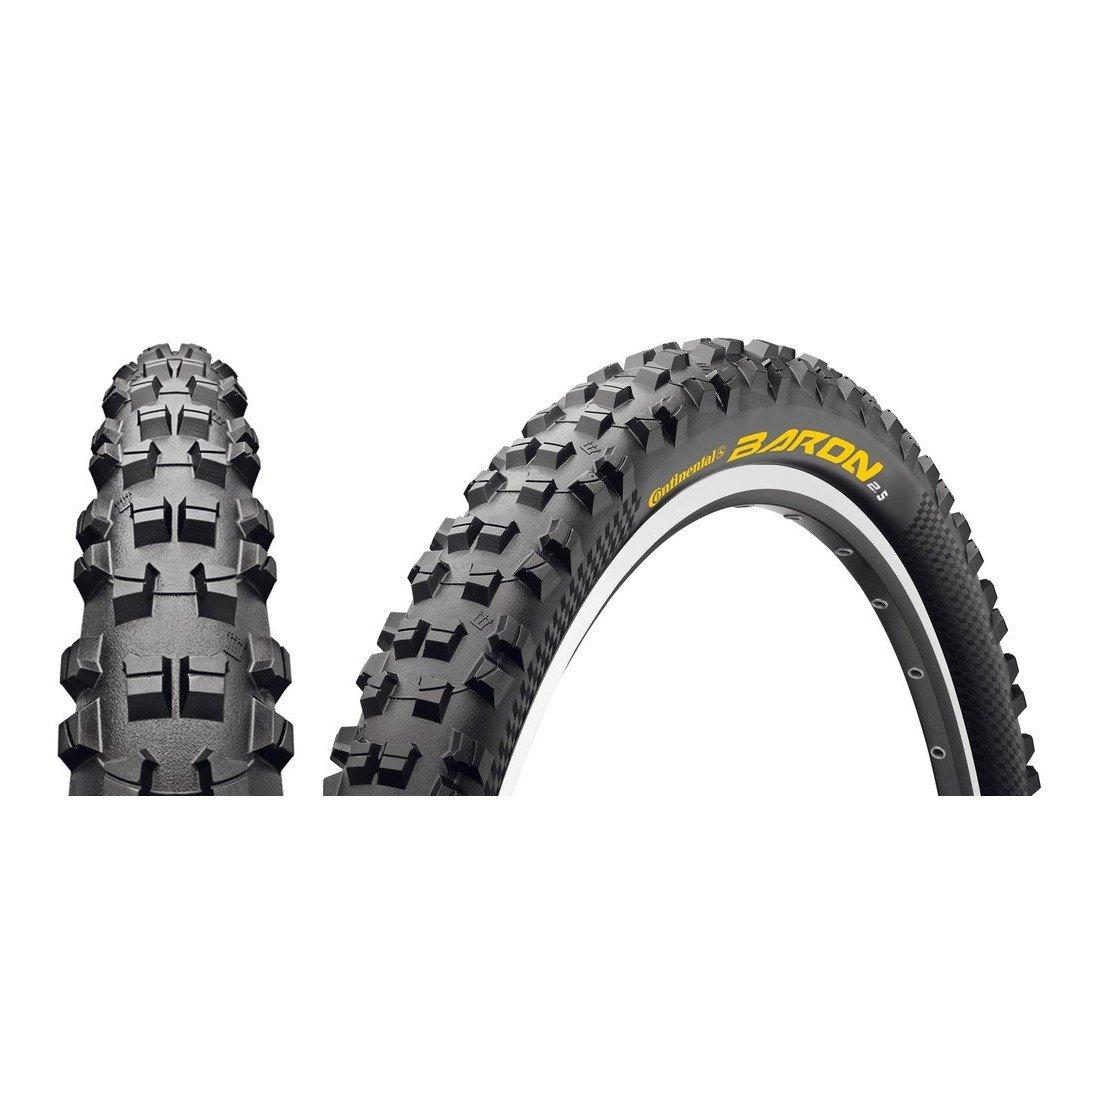 Continental MTB Reifen 'Der Baron 2.5' 6 Lagen 360 tpi (Größe  62-559 schwarz)